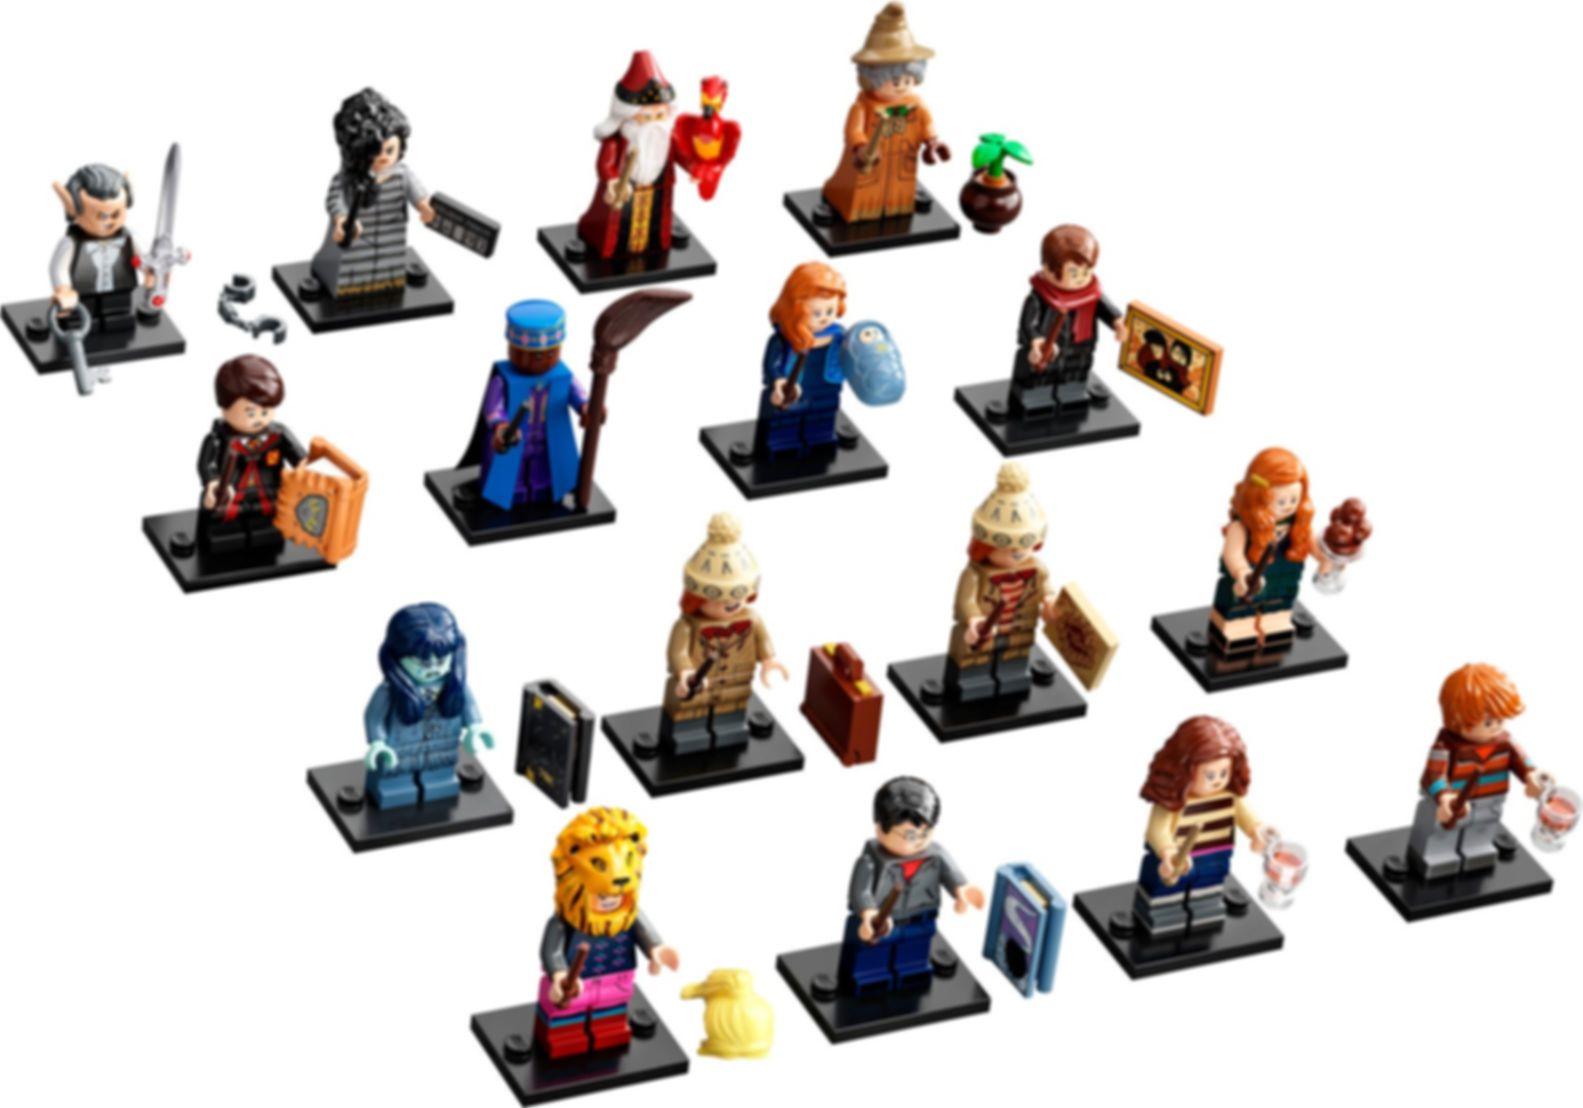 HarryPotter™Series 2 minifigures